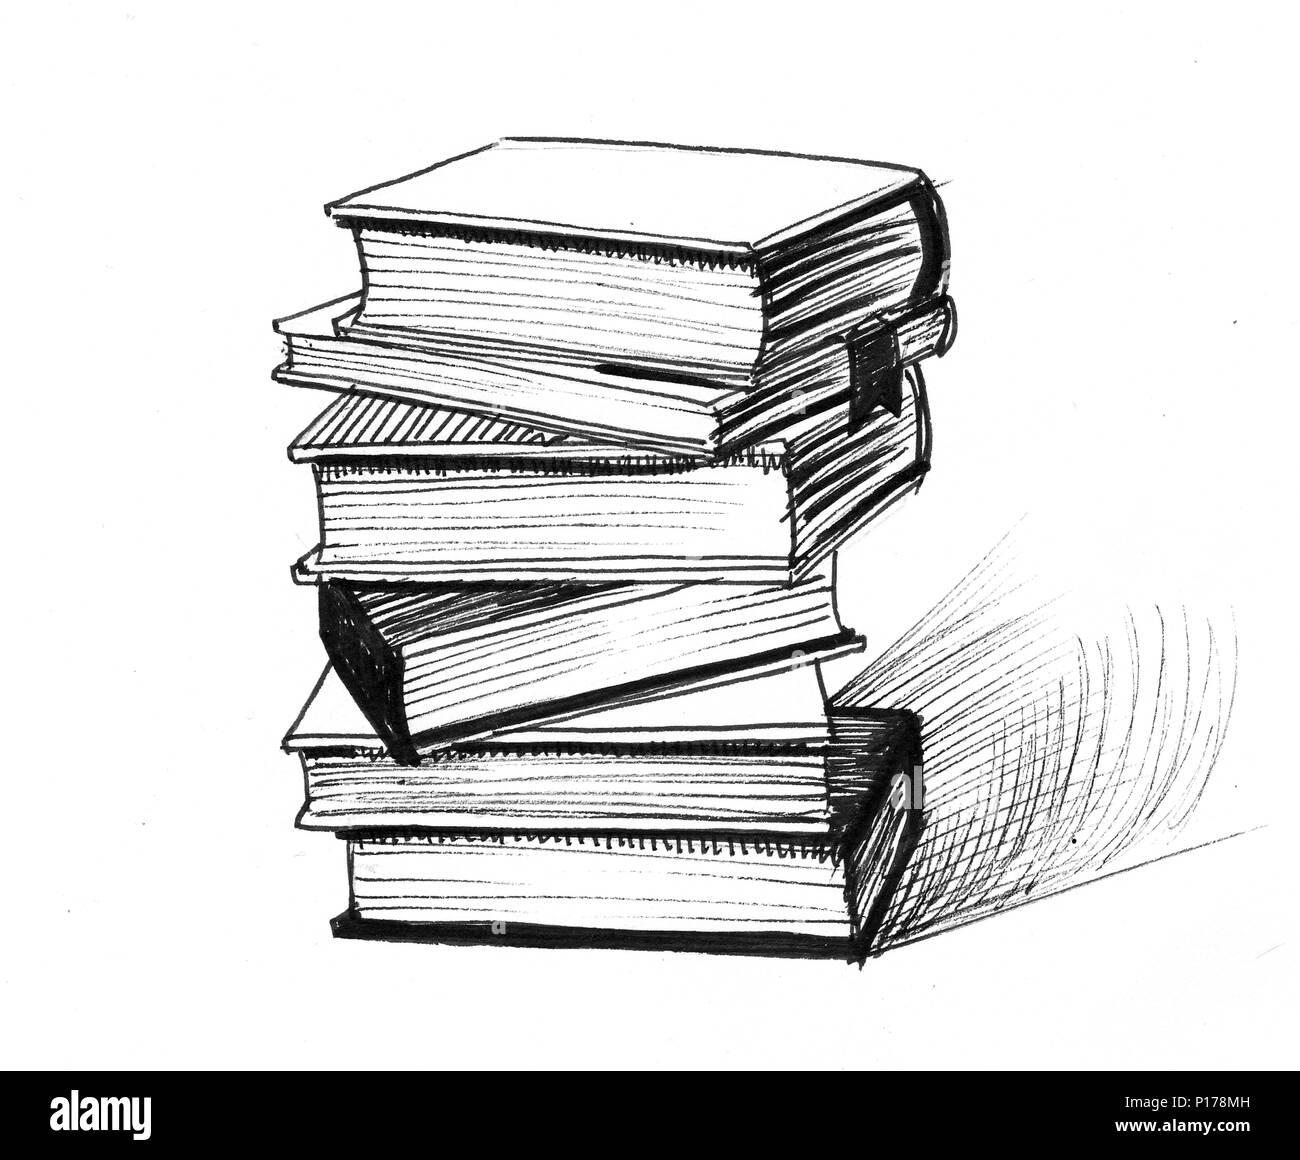 Pile De Livres Illustration Noir Et Blanc Encre Banque D